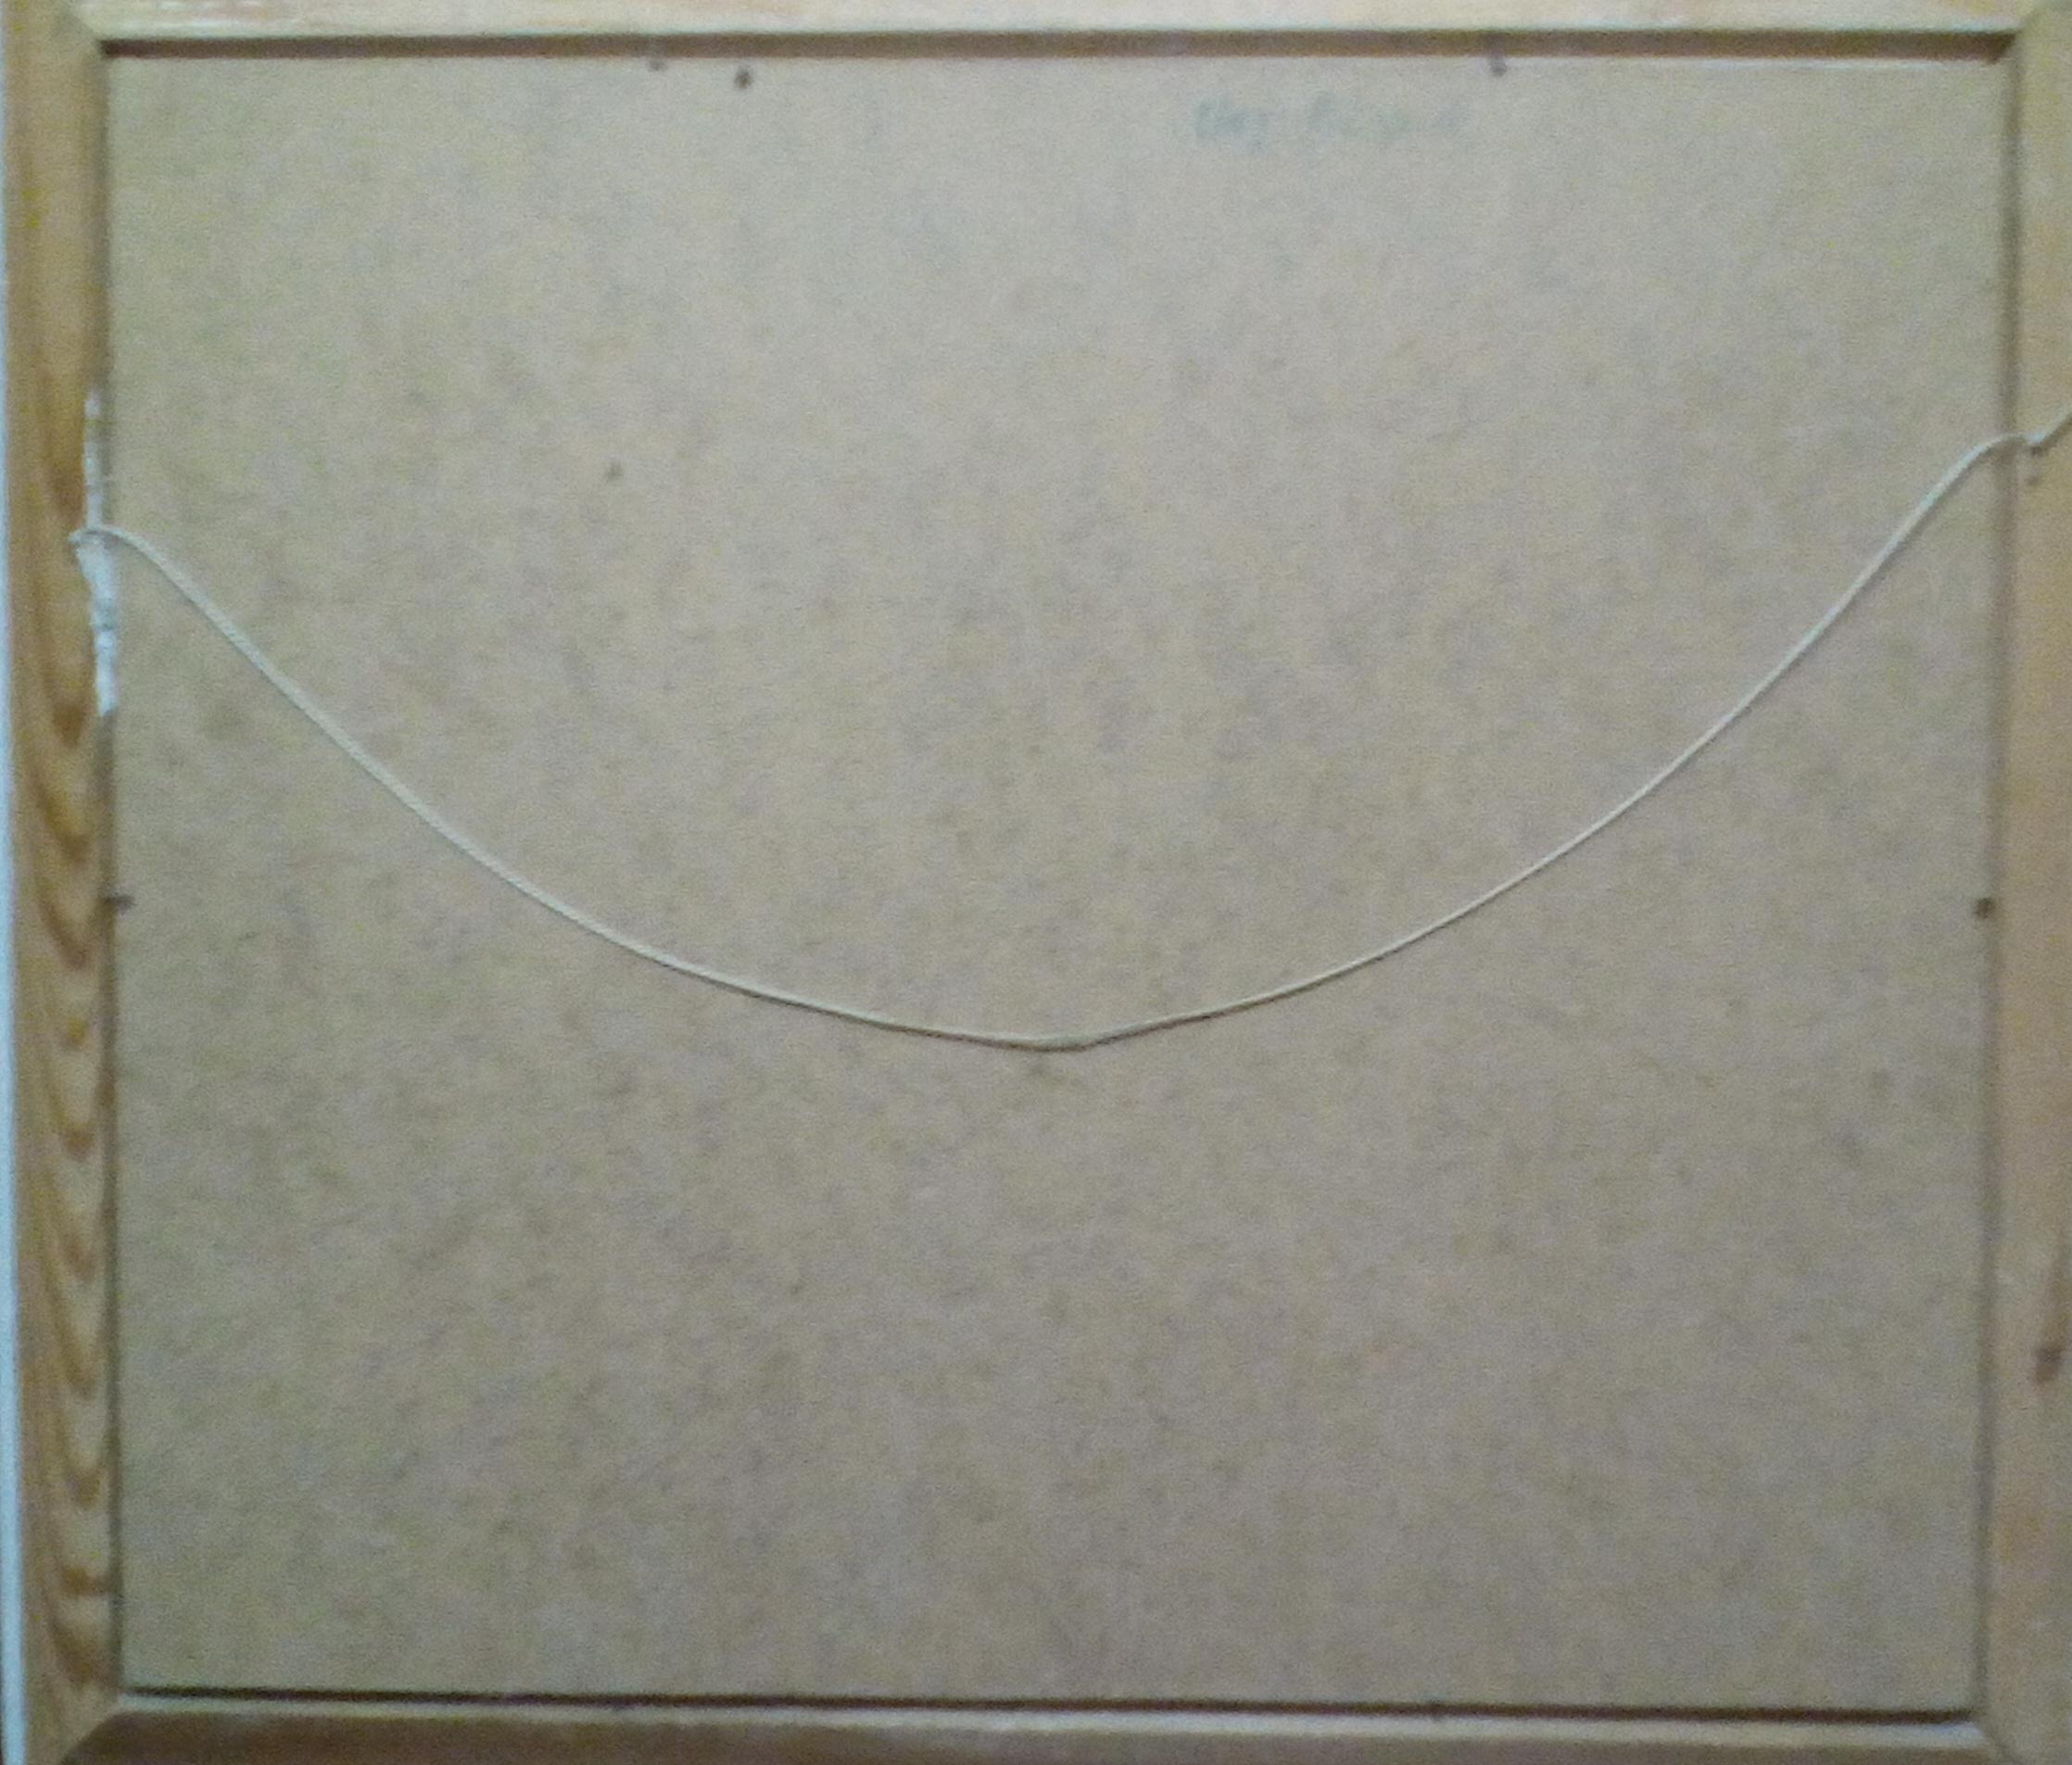 Сендер У реки 35-39 см., двп, масло - 1